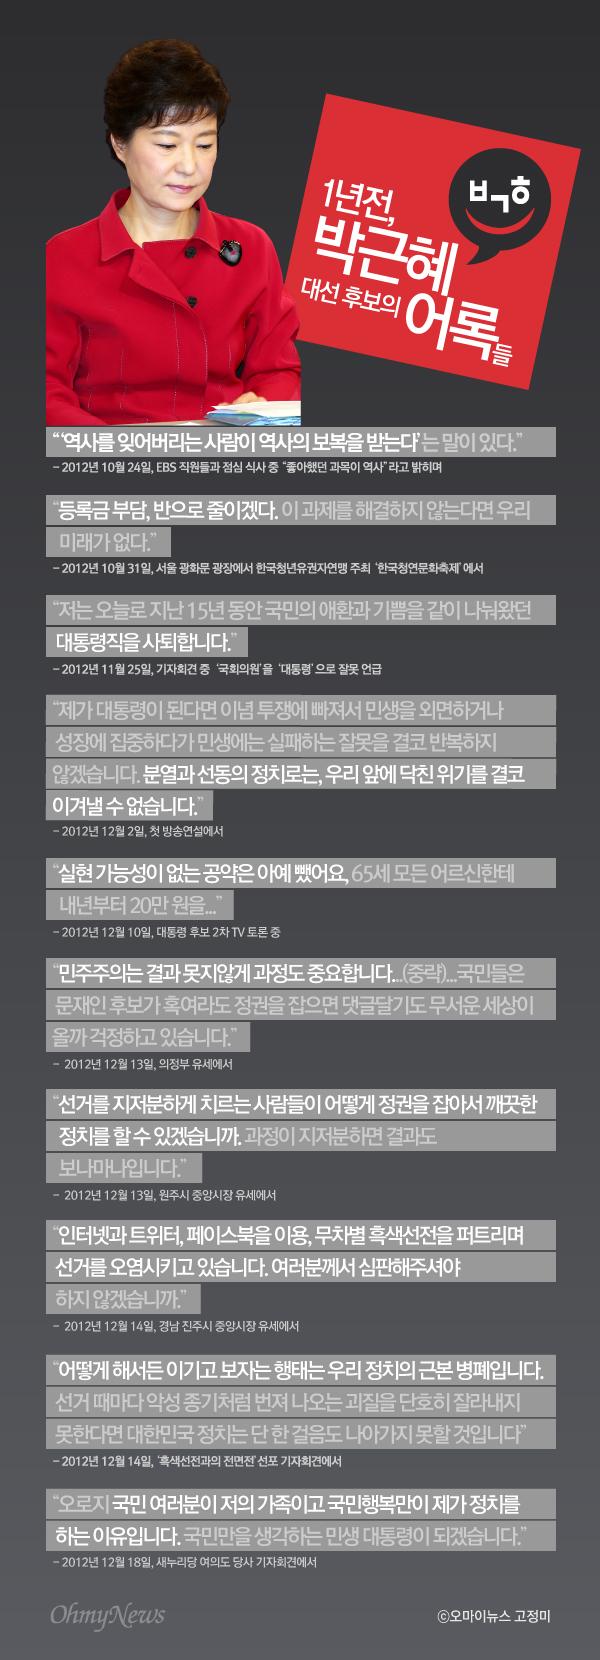 1년 전, 박근혜 대선 후보의 '어록'들